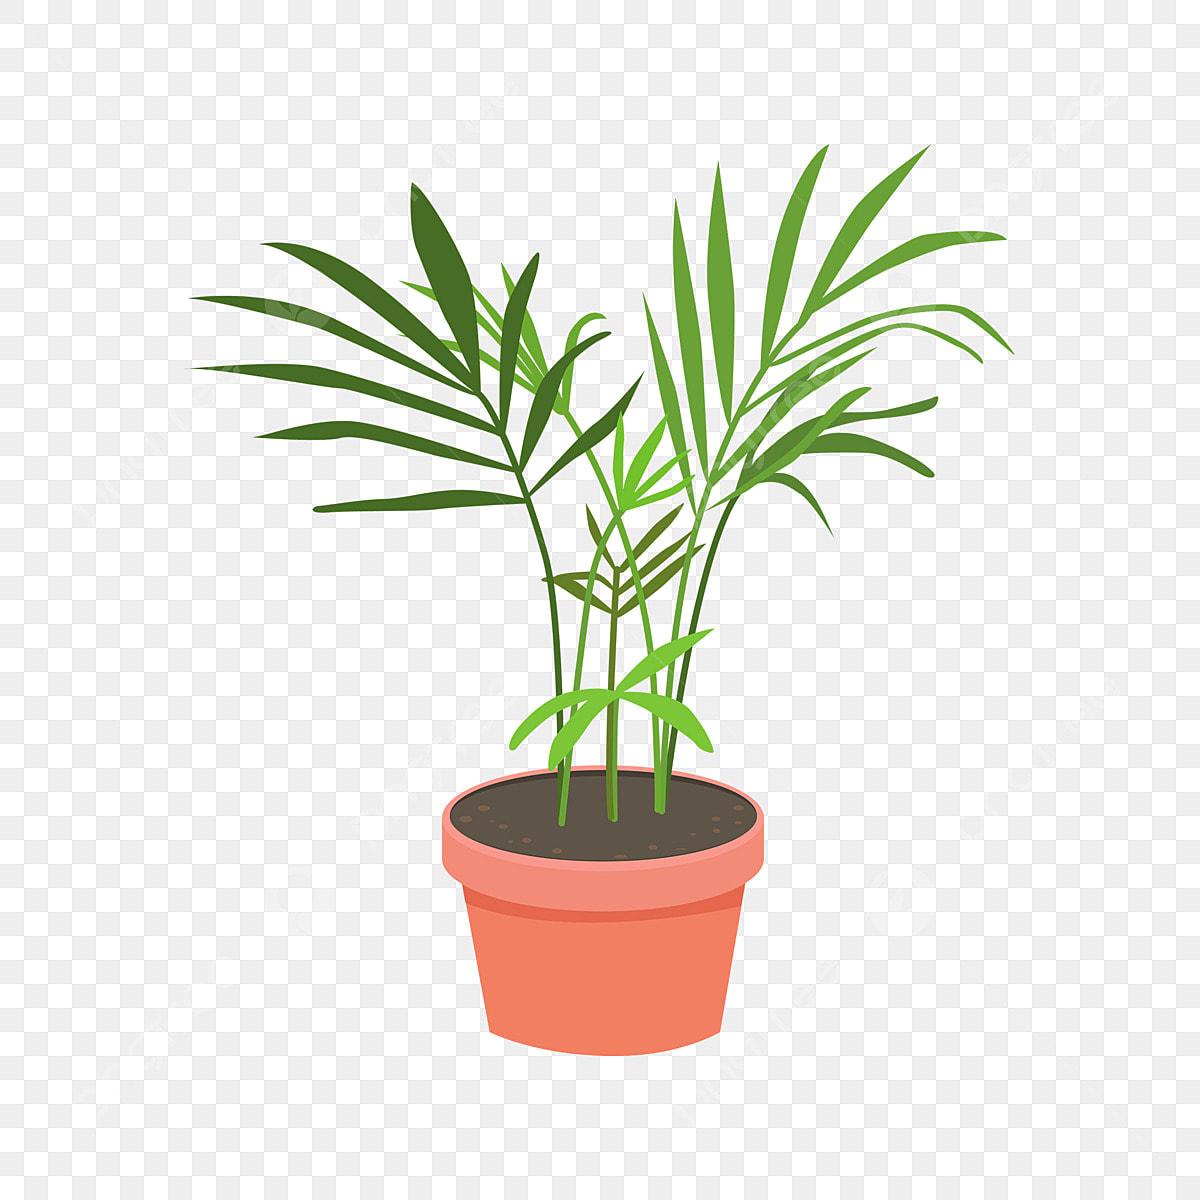 Piante Tropicali Da Interno elementi in vaso per interni tropicali di piante da cocco